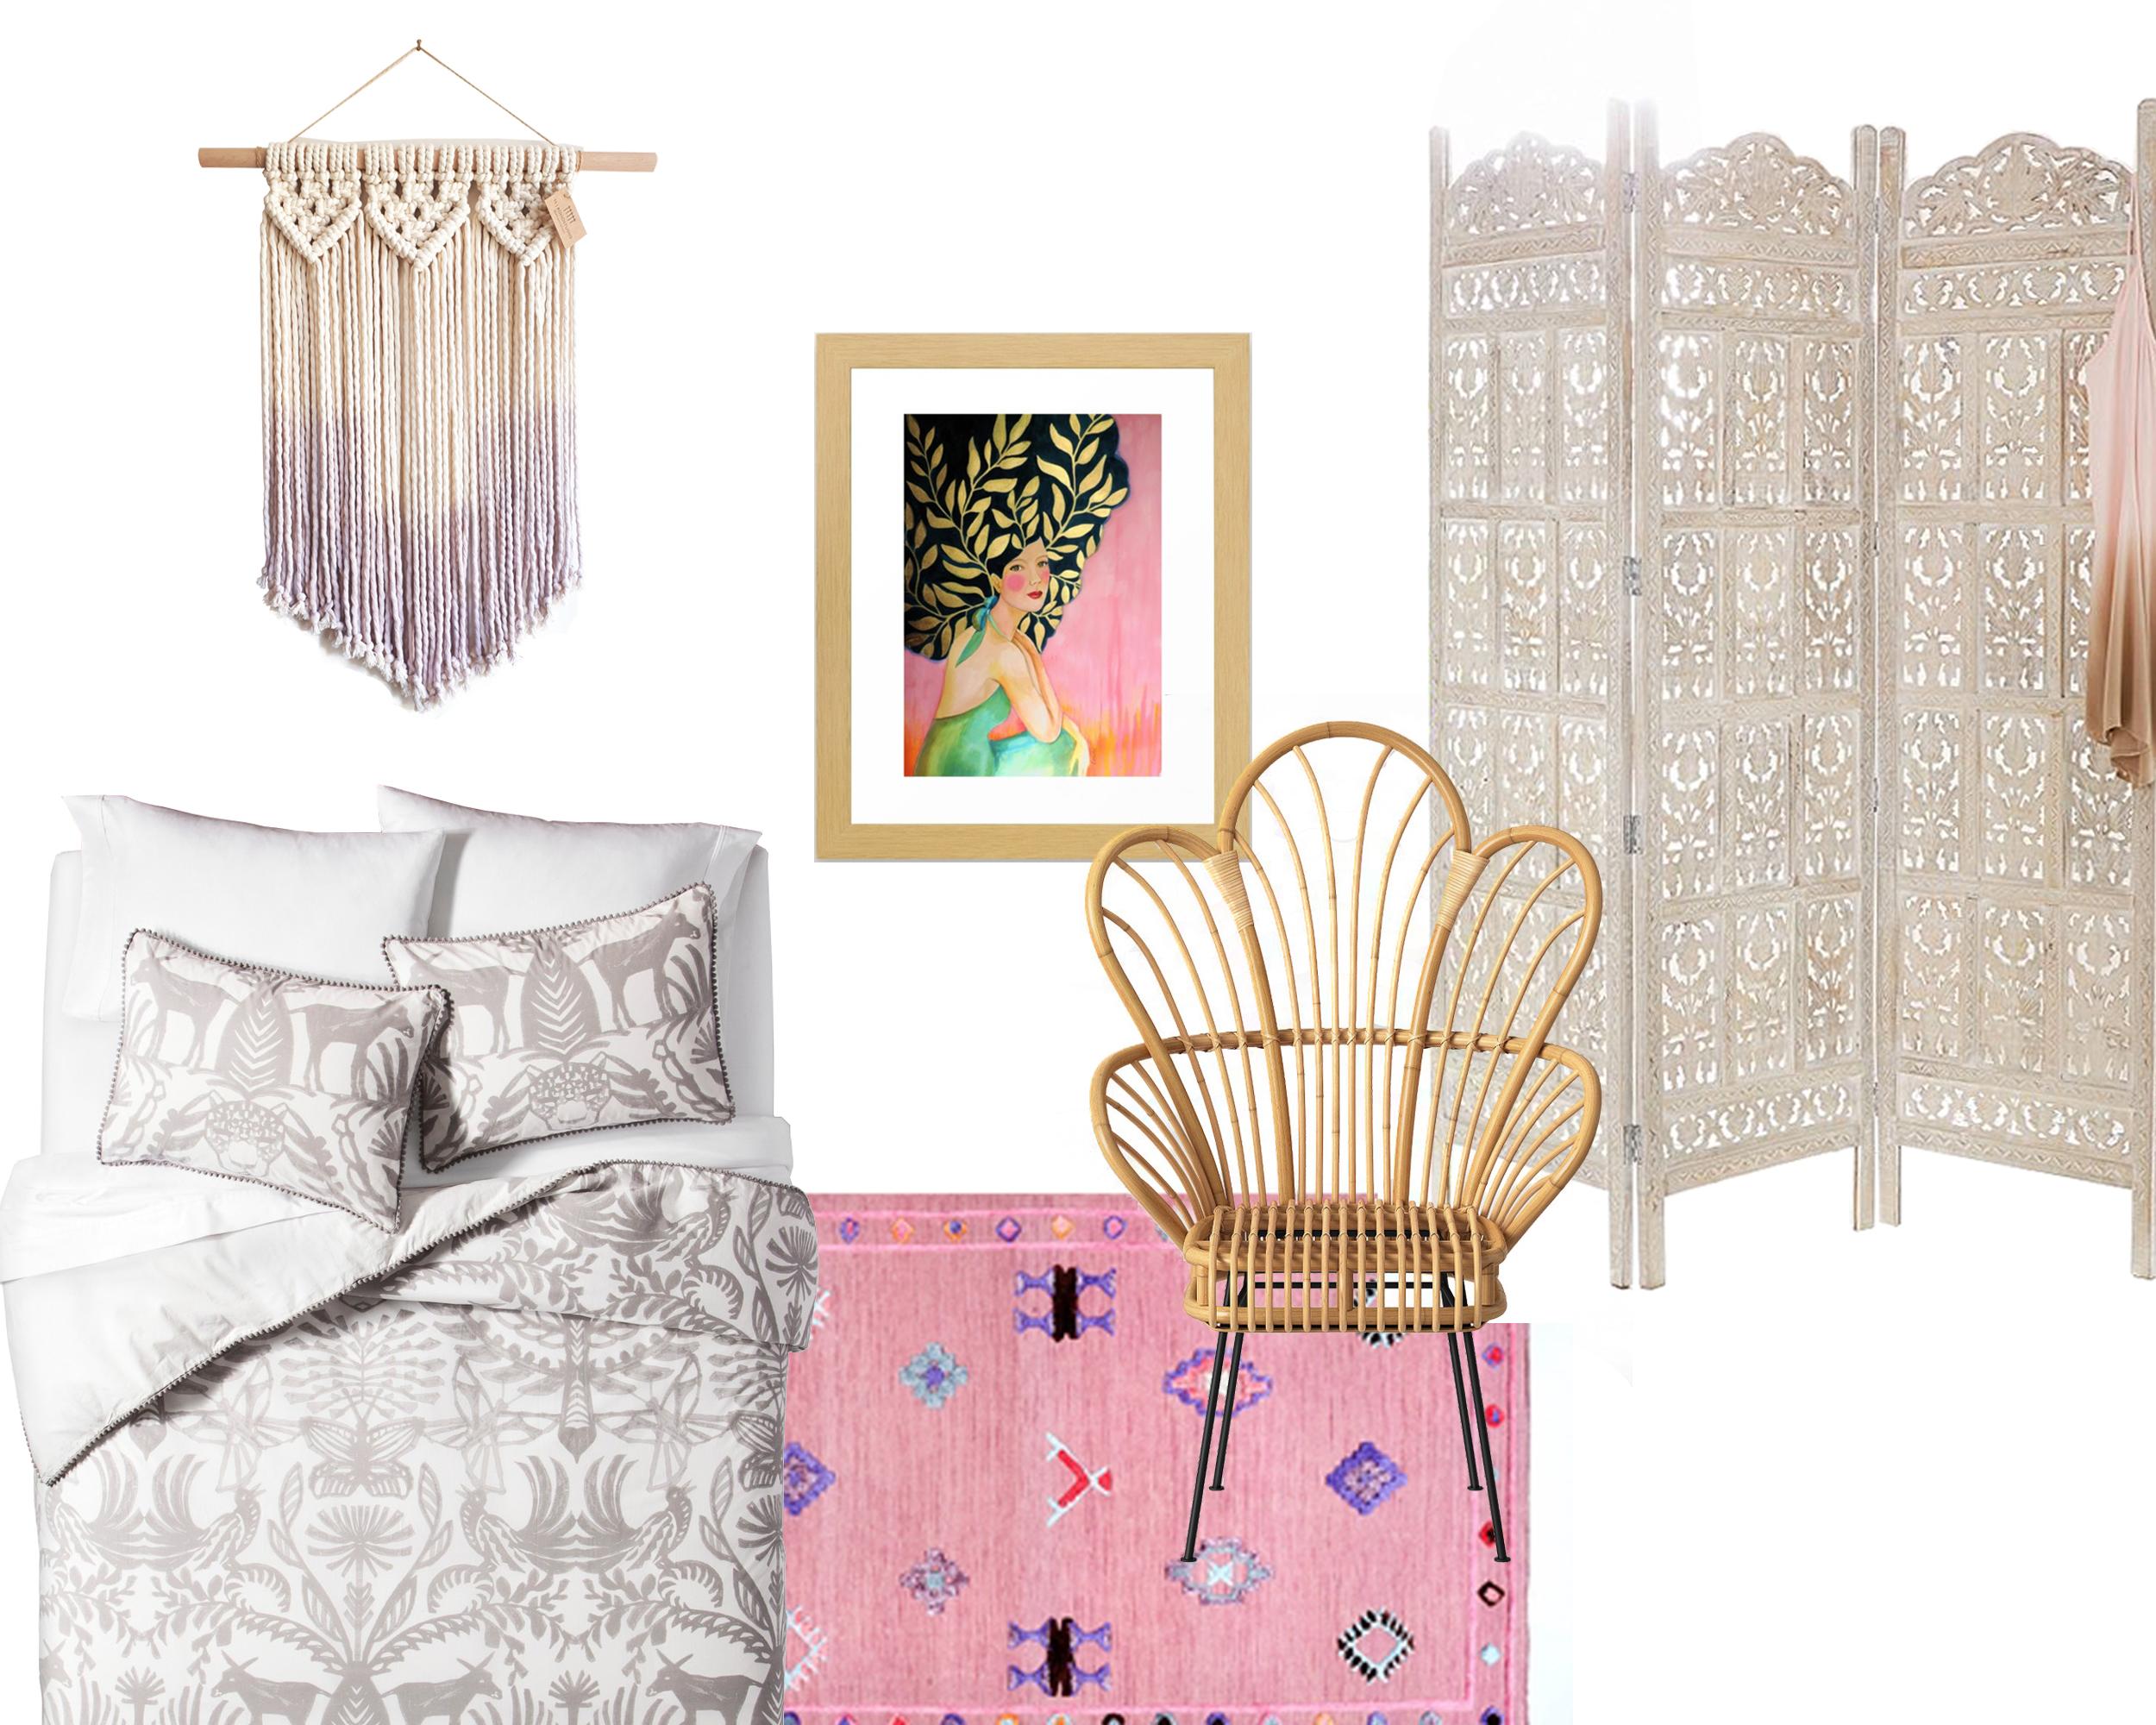 Dorm Room Decor: Eclectic Bohemian | Design Confetti